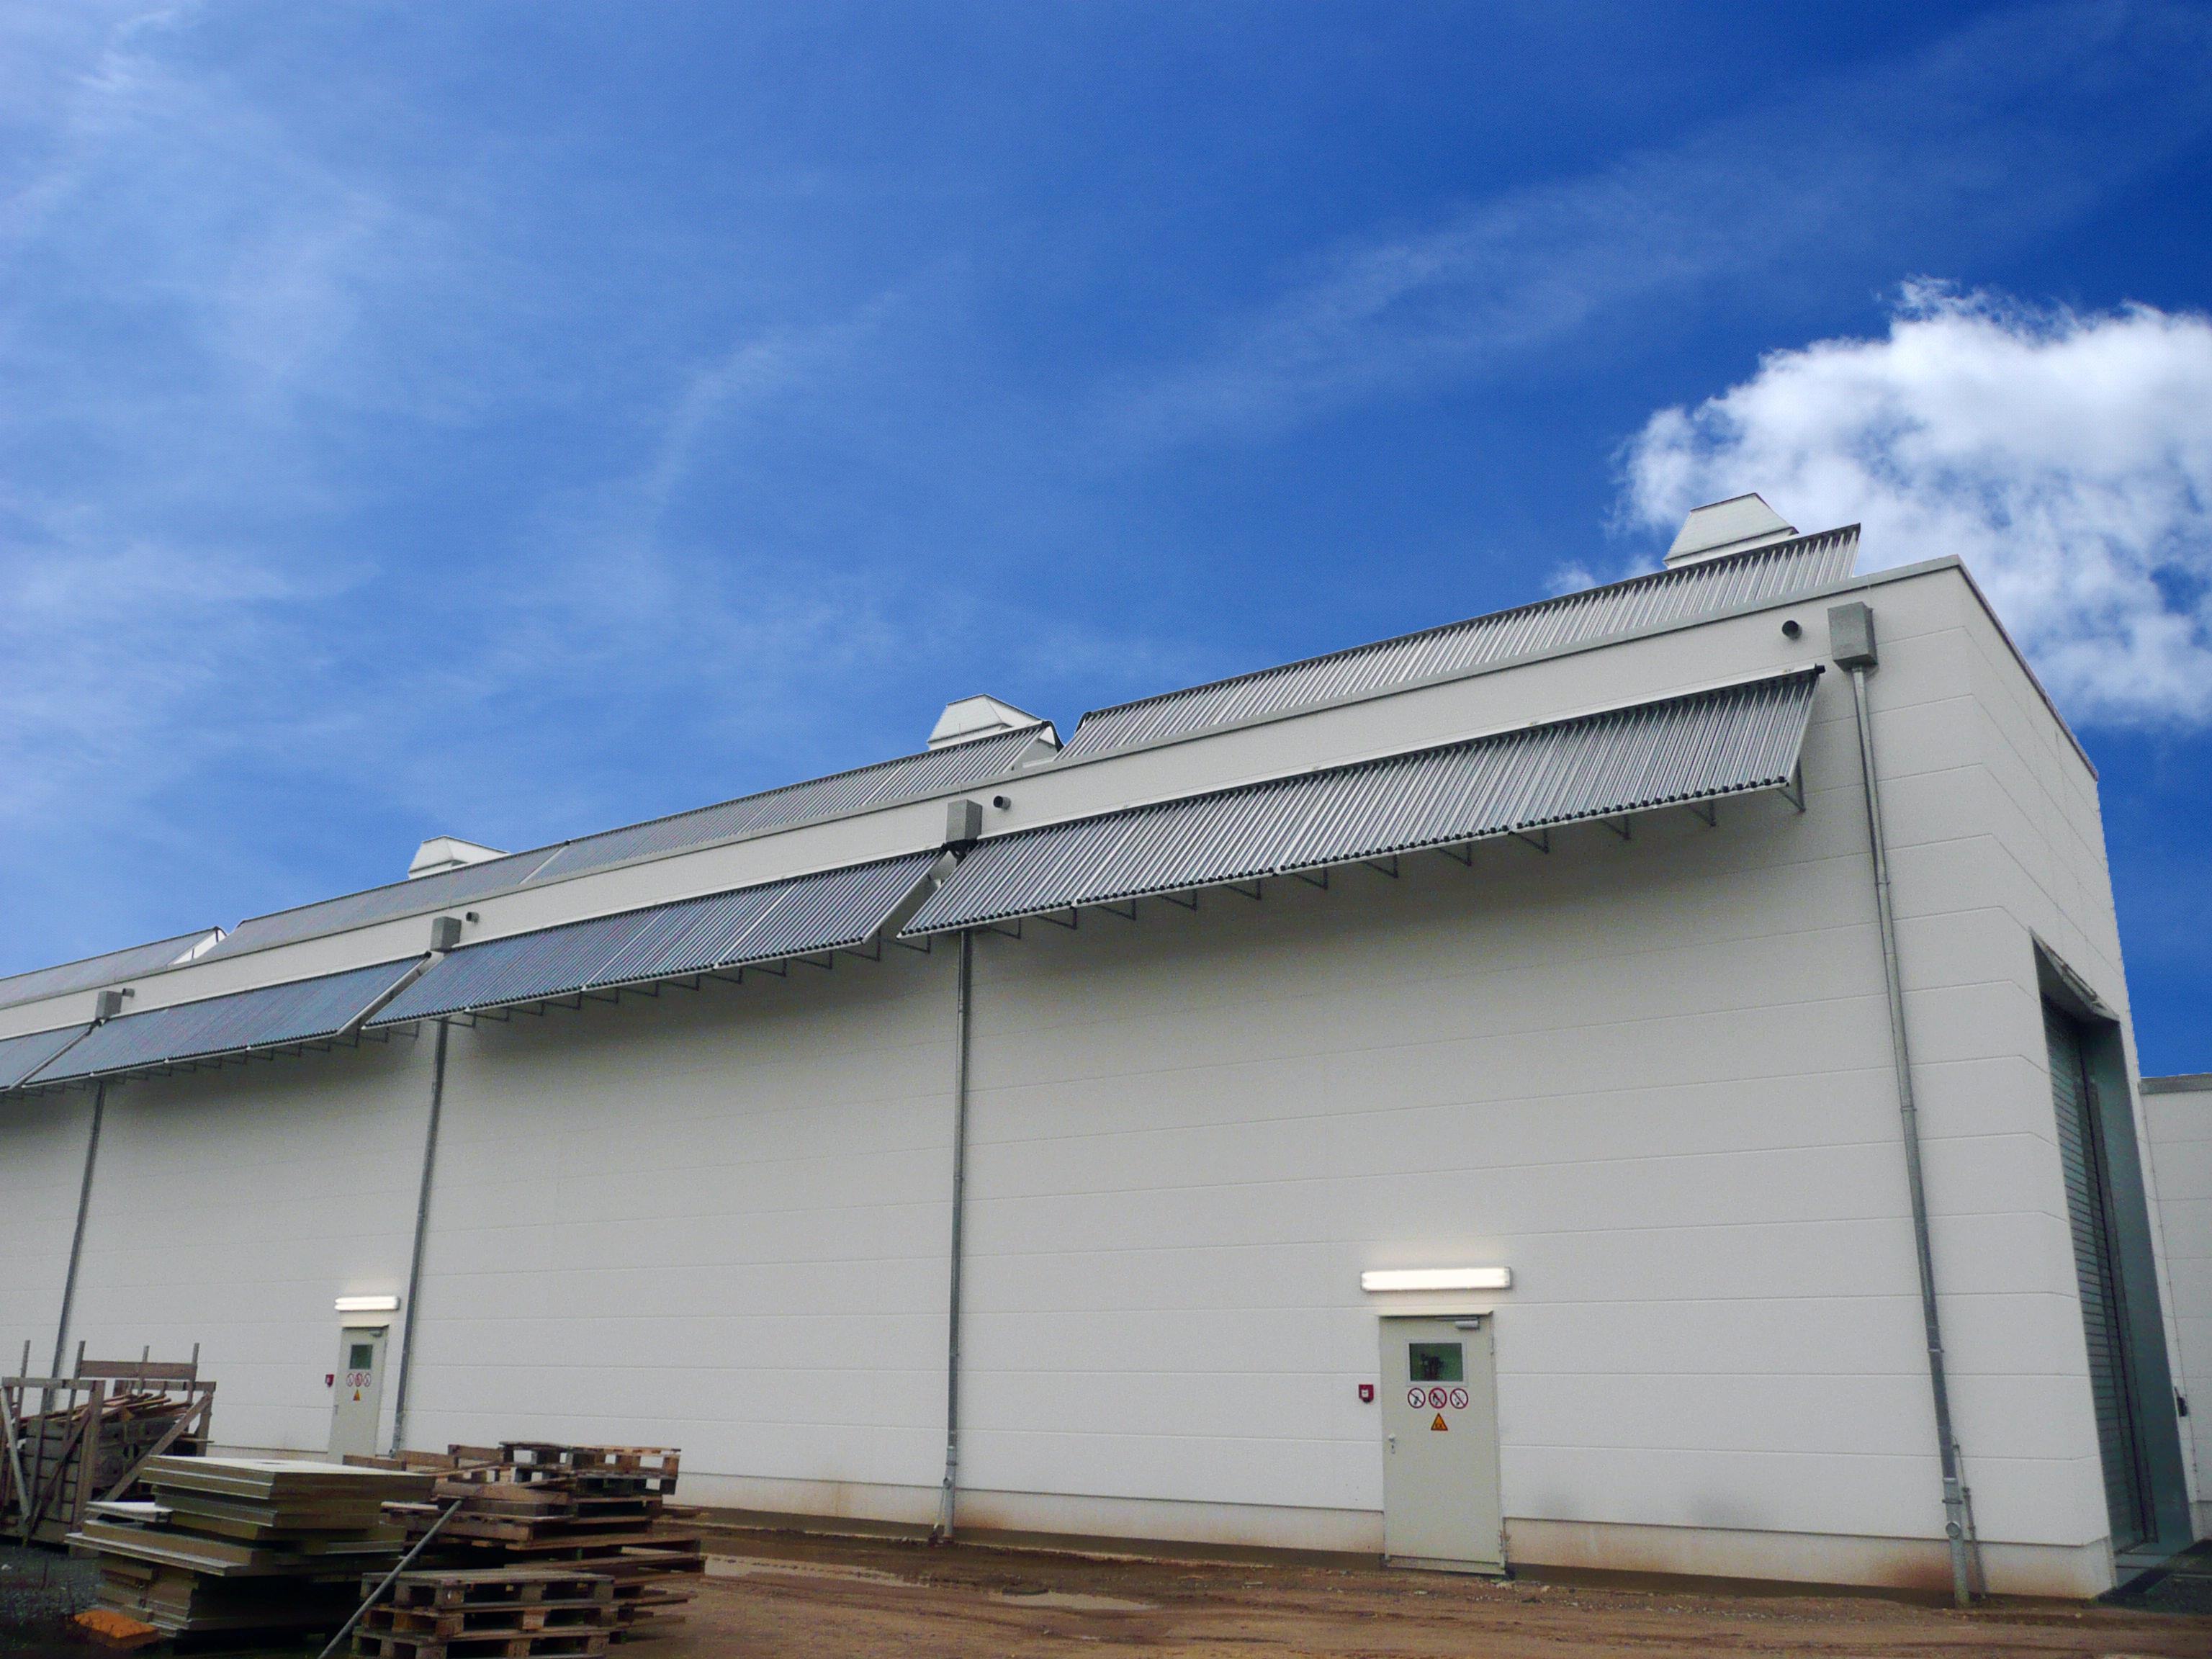 Solarthermie-Anlage liefert Wärme zum Trocknen von Lacken für Busse und Bahnen. Foto: Ritter XL Solar